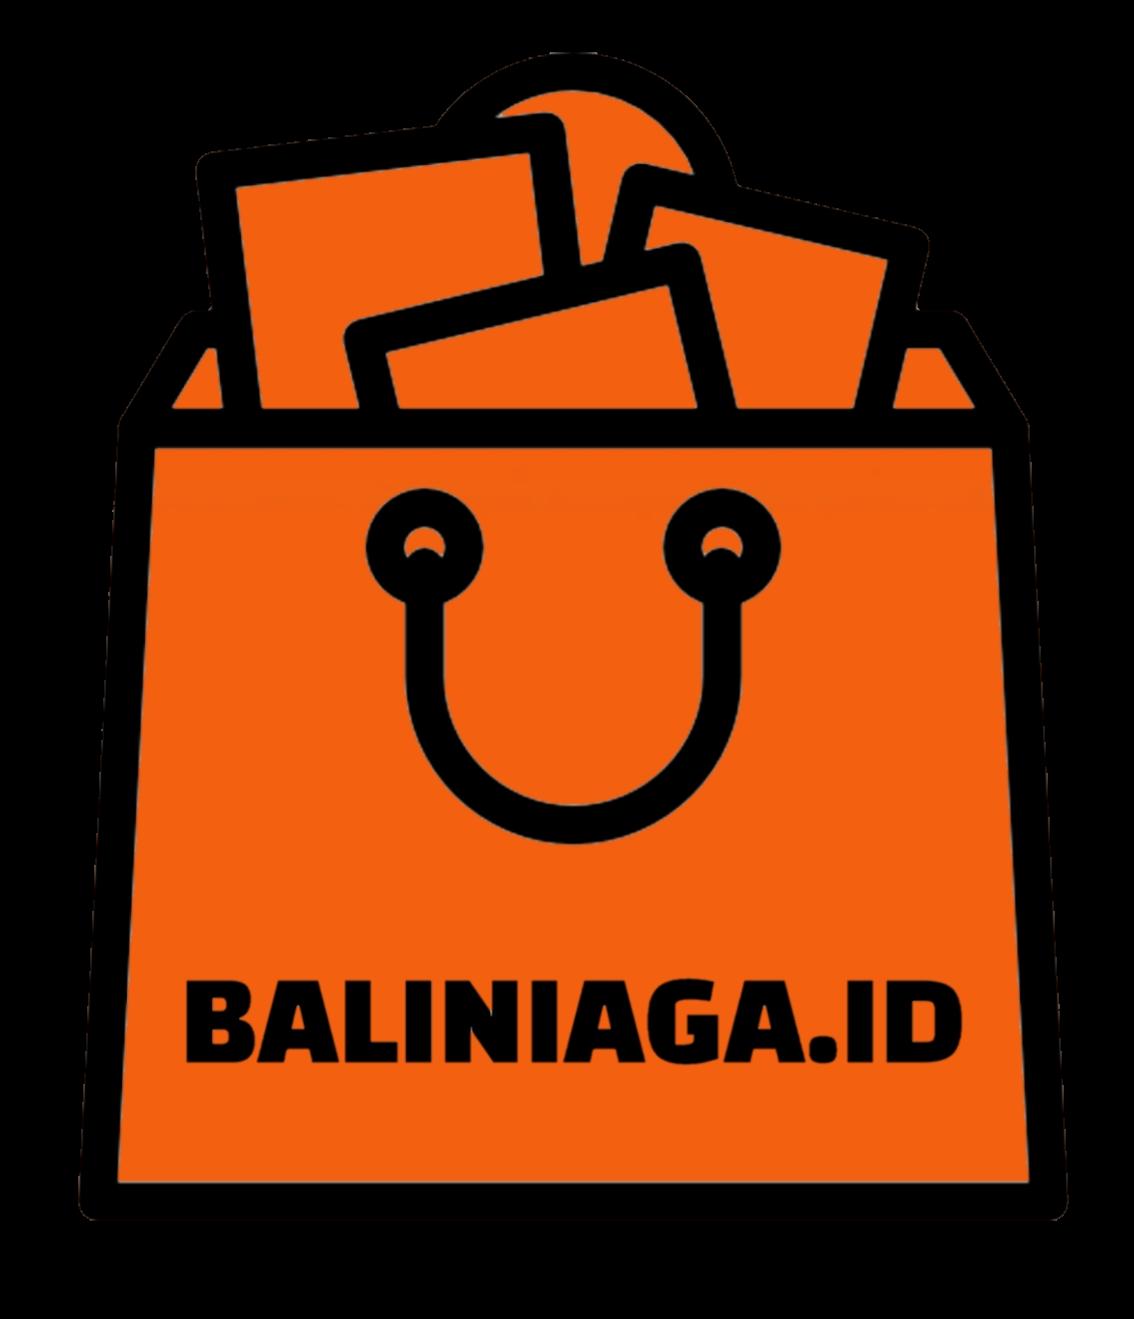 Baliniaga